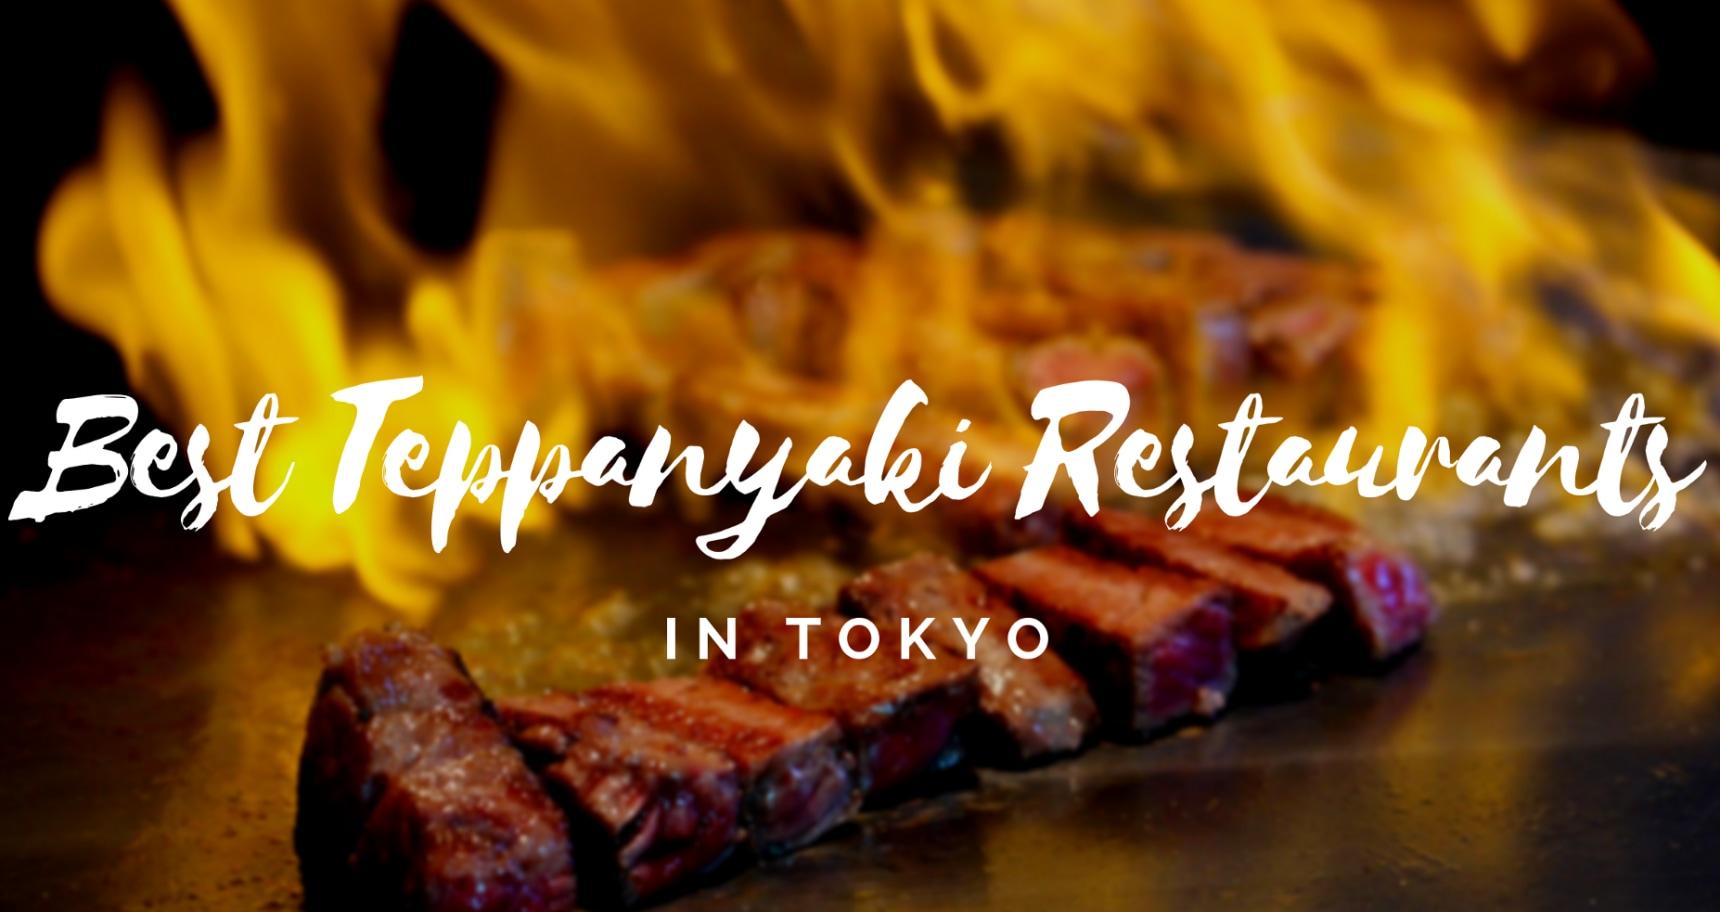 일본 음식: 텟판야끼 어디까지 먹어봤니?